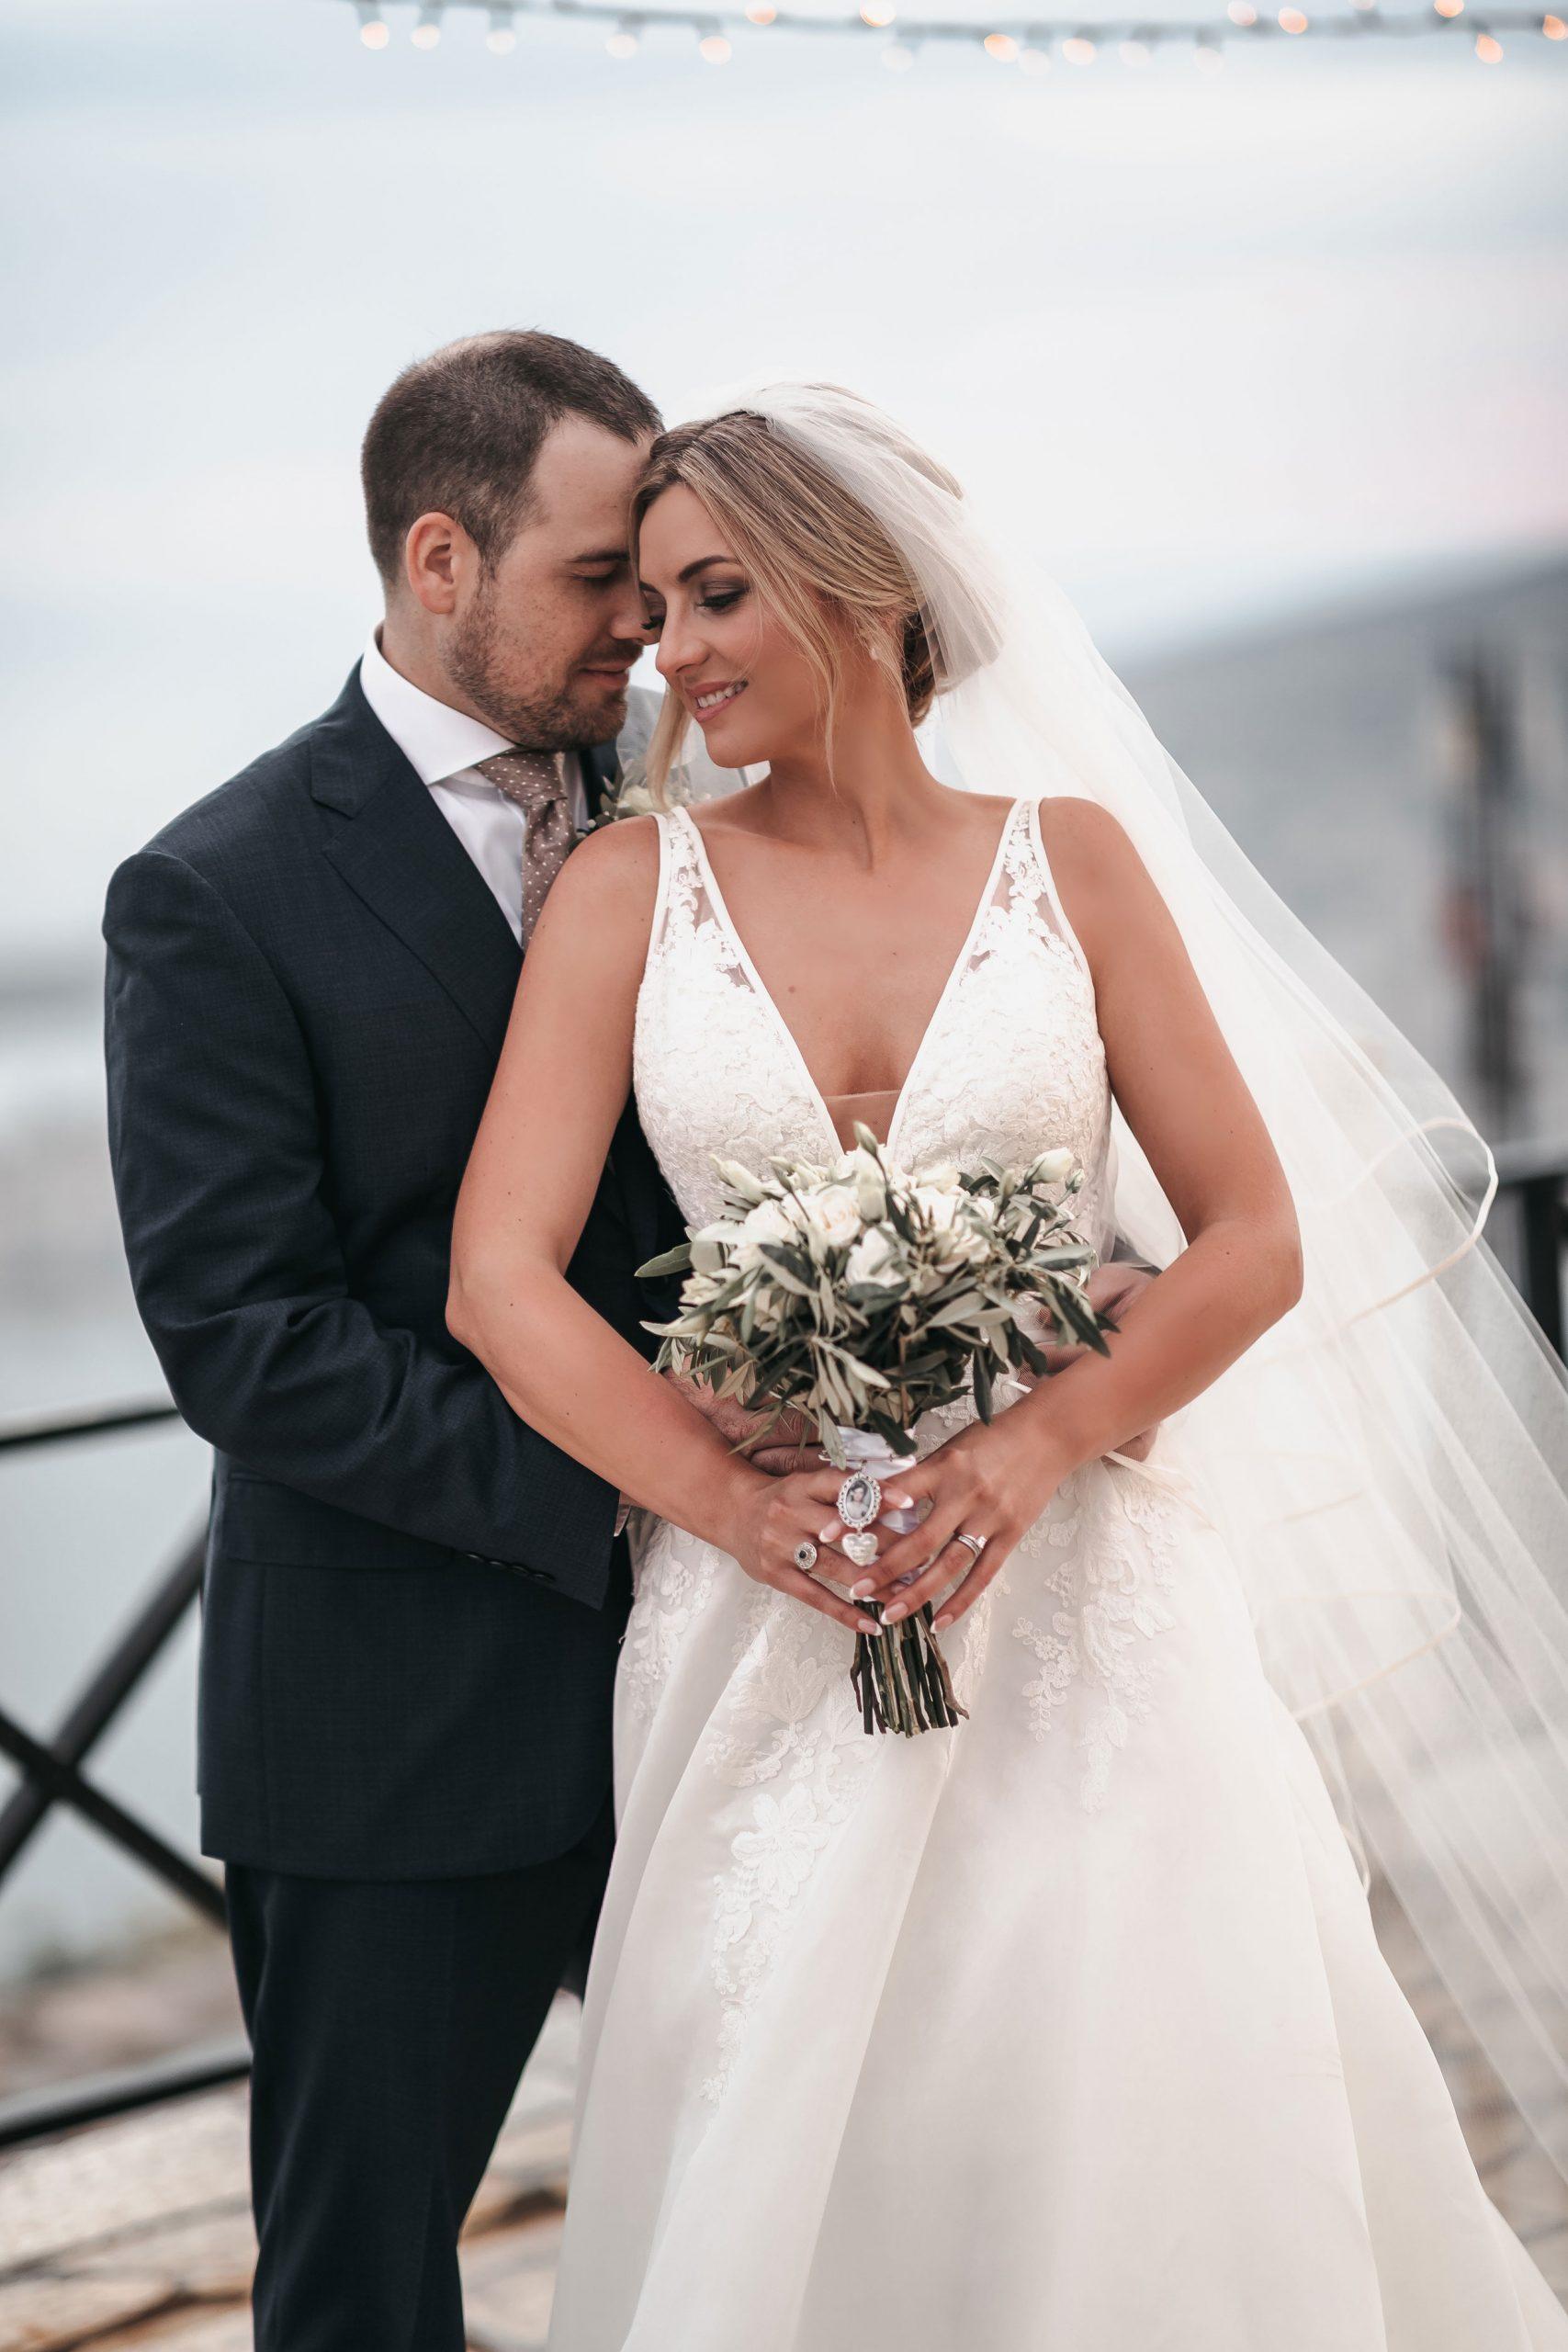 Bride and groom outdoor wedding photos